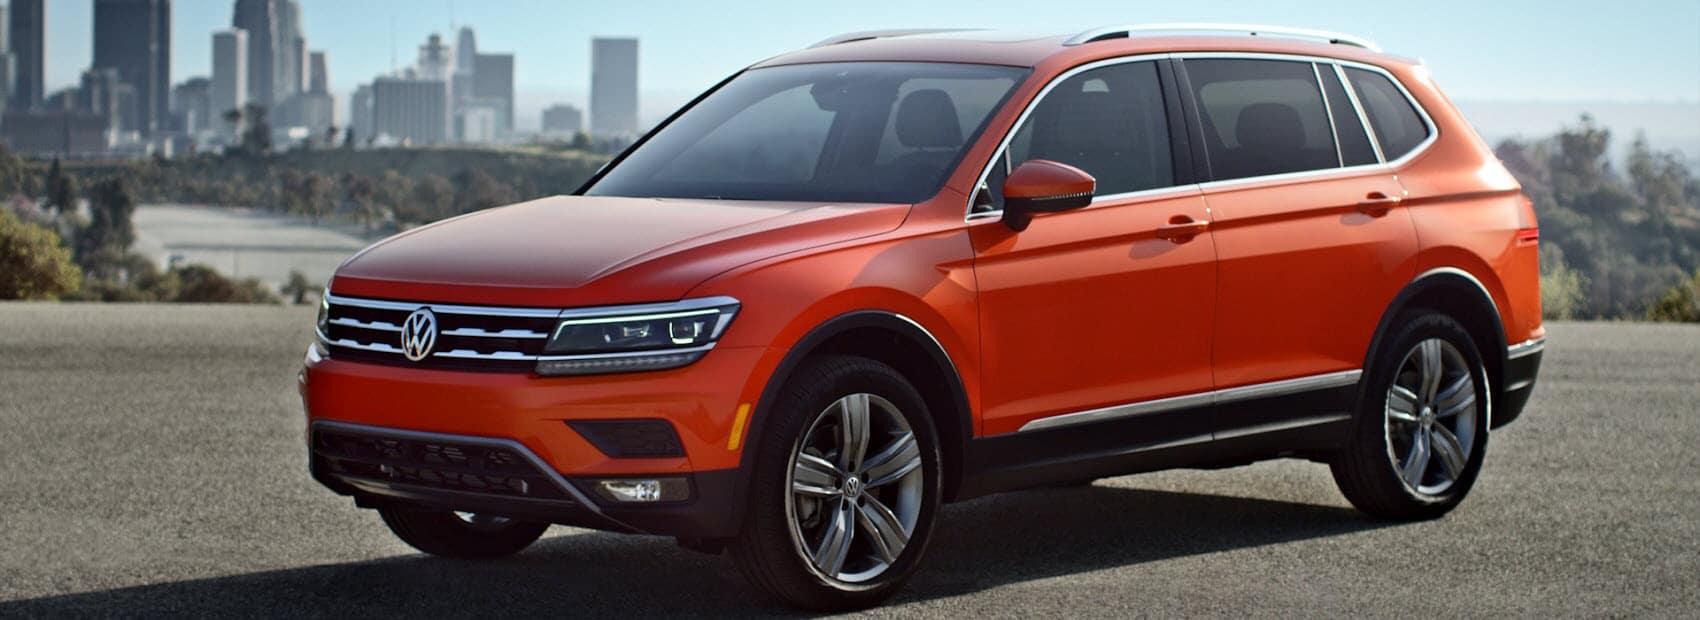 2019 Volkswagen Tiguan Review   Volkswagen of Panama City